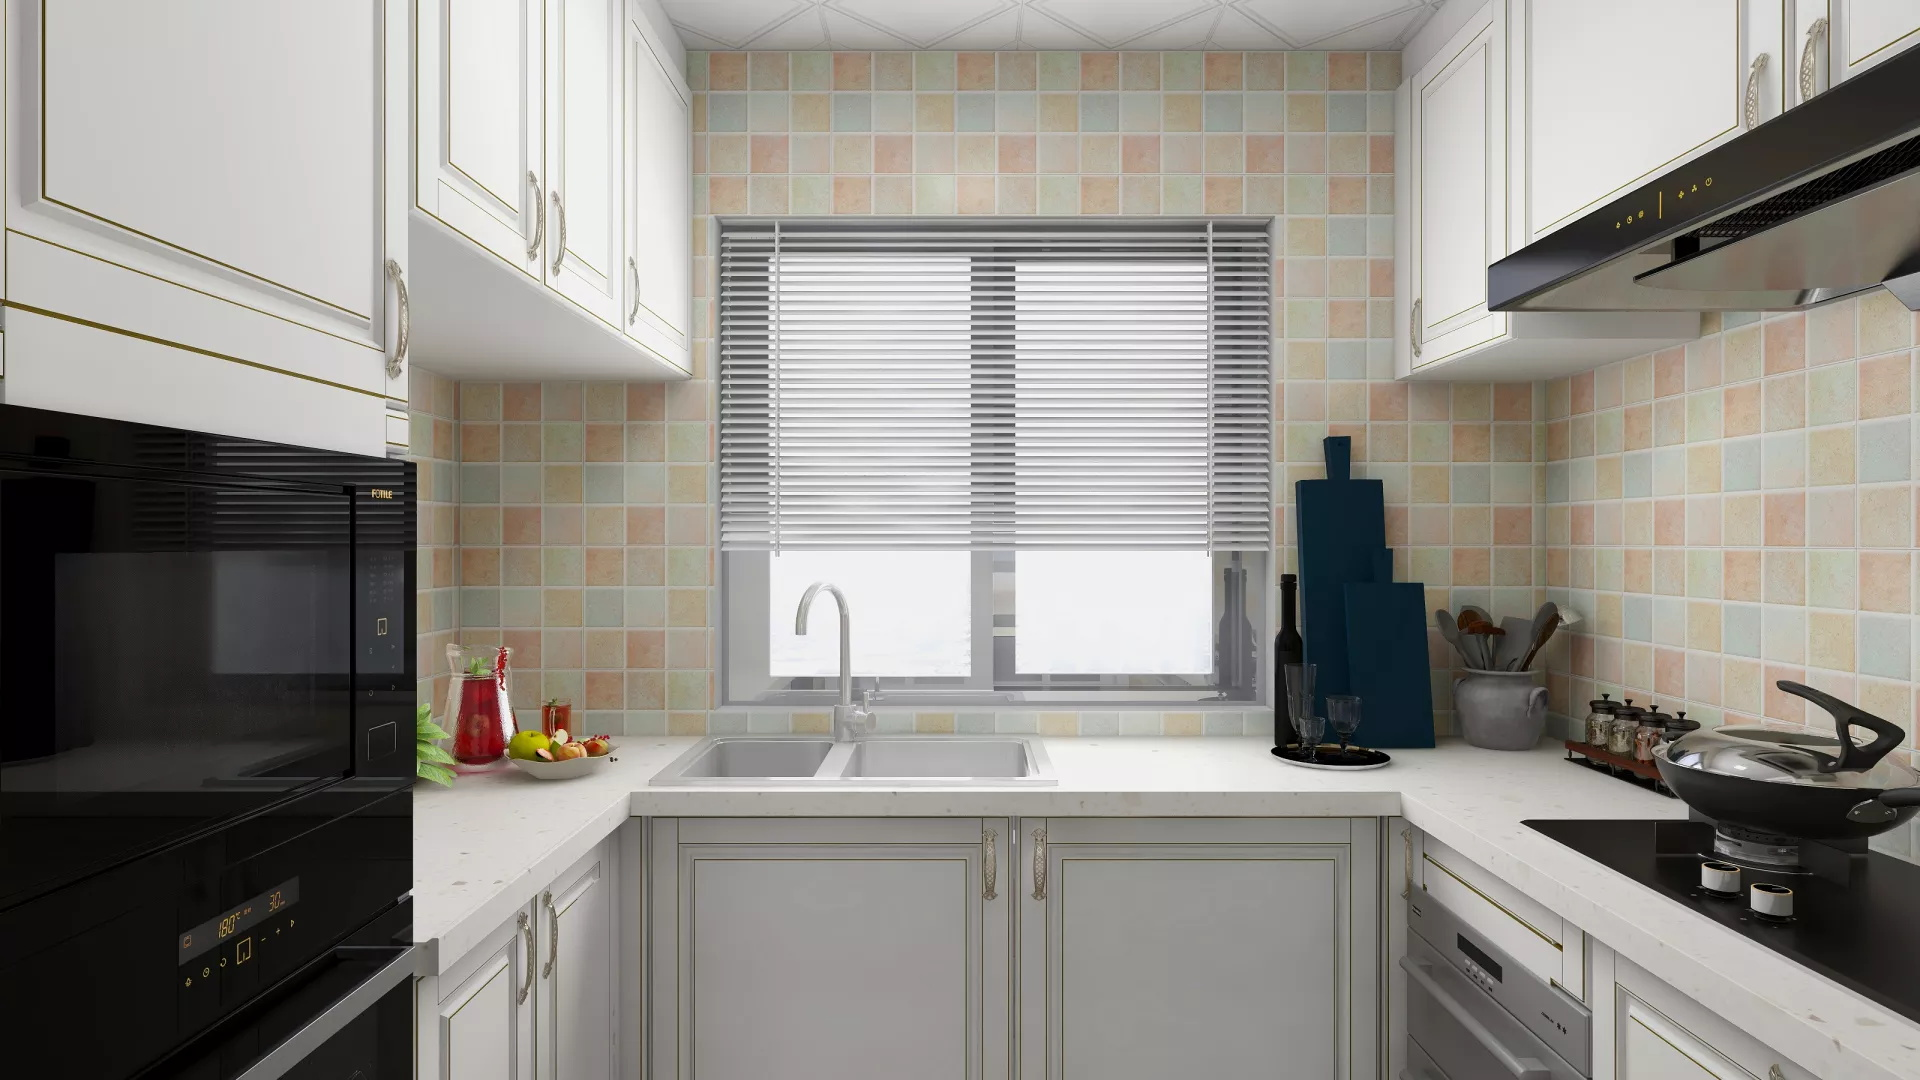 彩钢板盖顶阳光房的优点 彩钢板盖顶阳光房怎么样